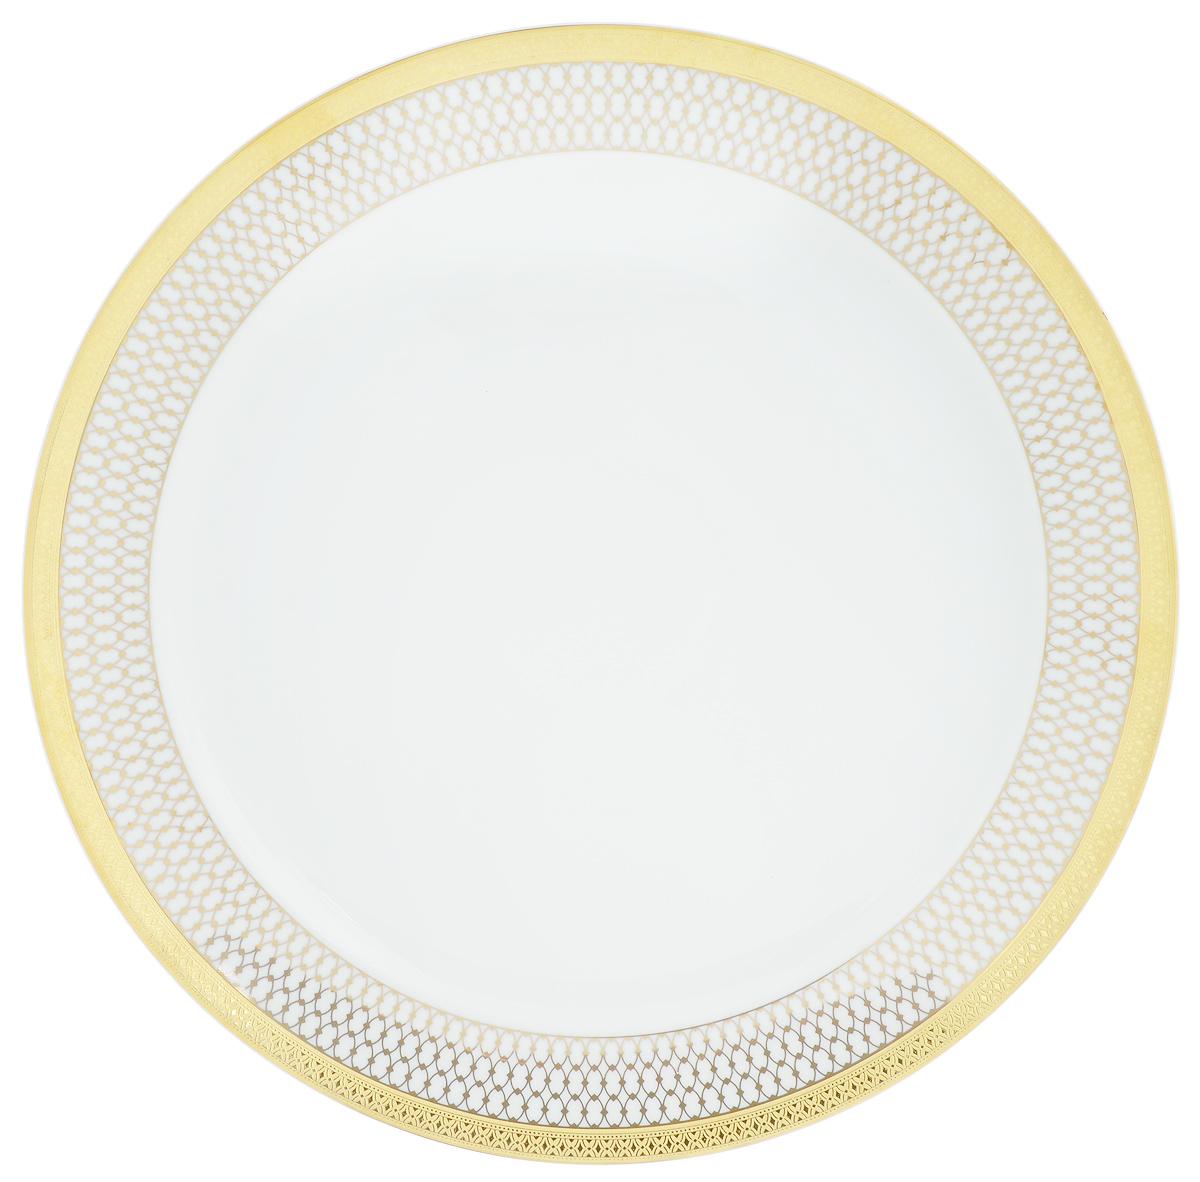 Блюдо Yves De La Rosiere Tanit, диаметр 30 см115510Оригинальное блюдо Yves De La Rosiere Tanit, изготовленное из фарфора, доставит истинное удовольствие ценителям прекрасного. Оно украсит ваш кухонный стол, а также станет замечательным подарком к любому празднику.